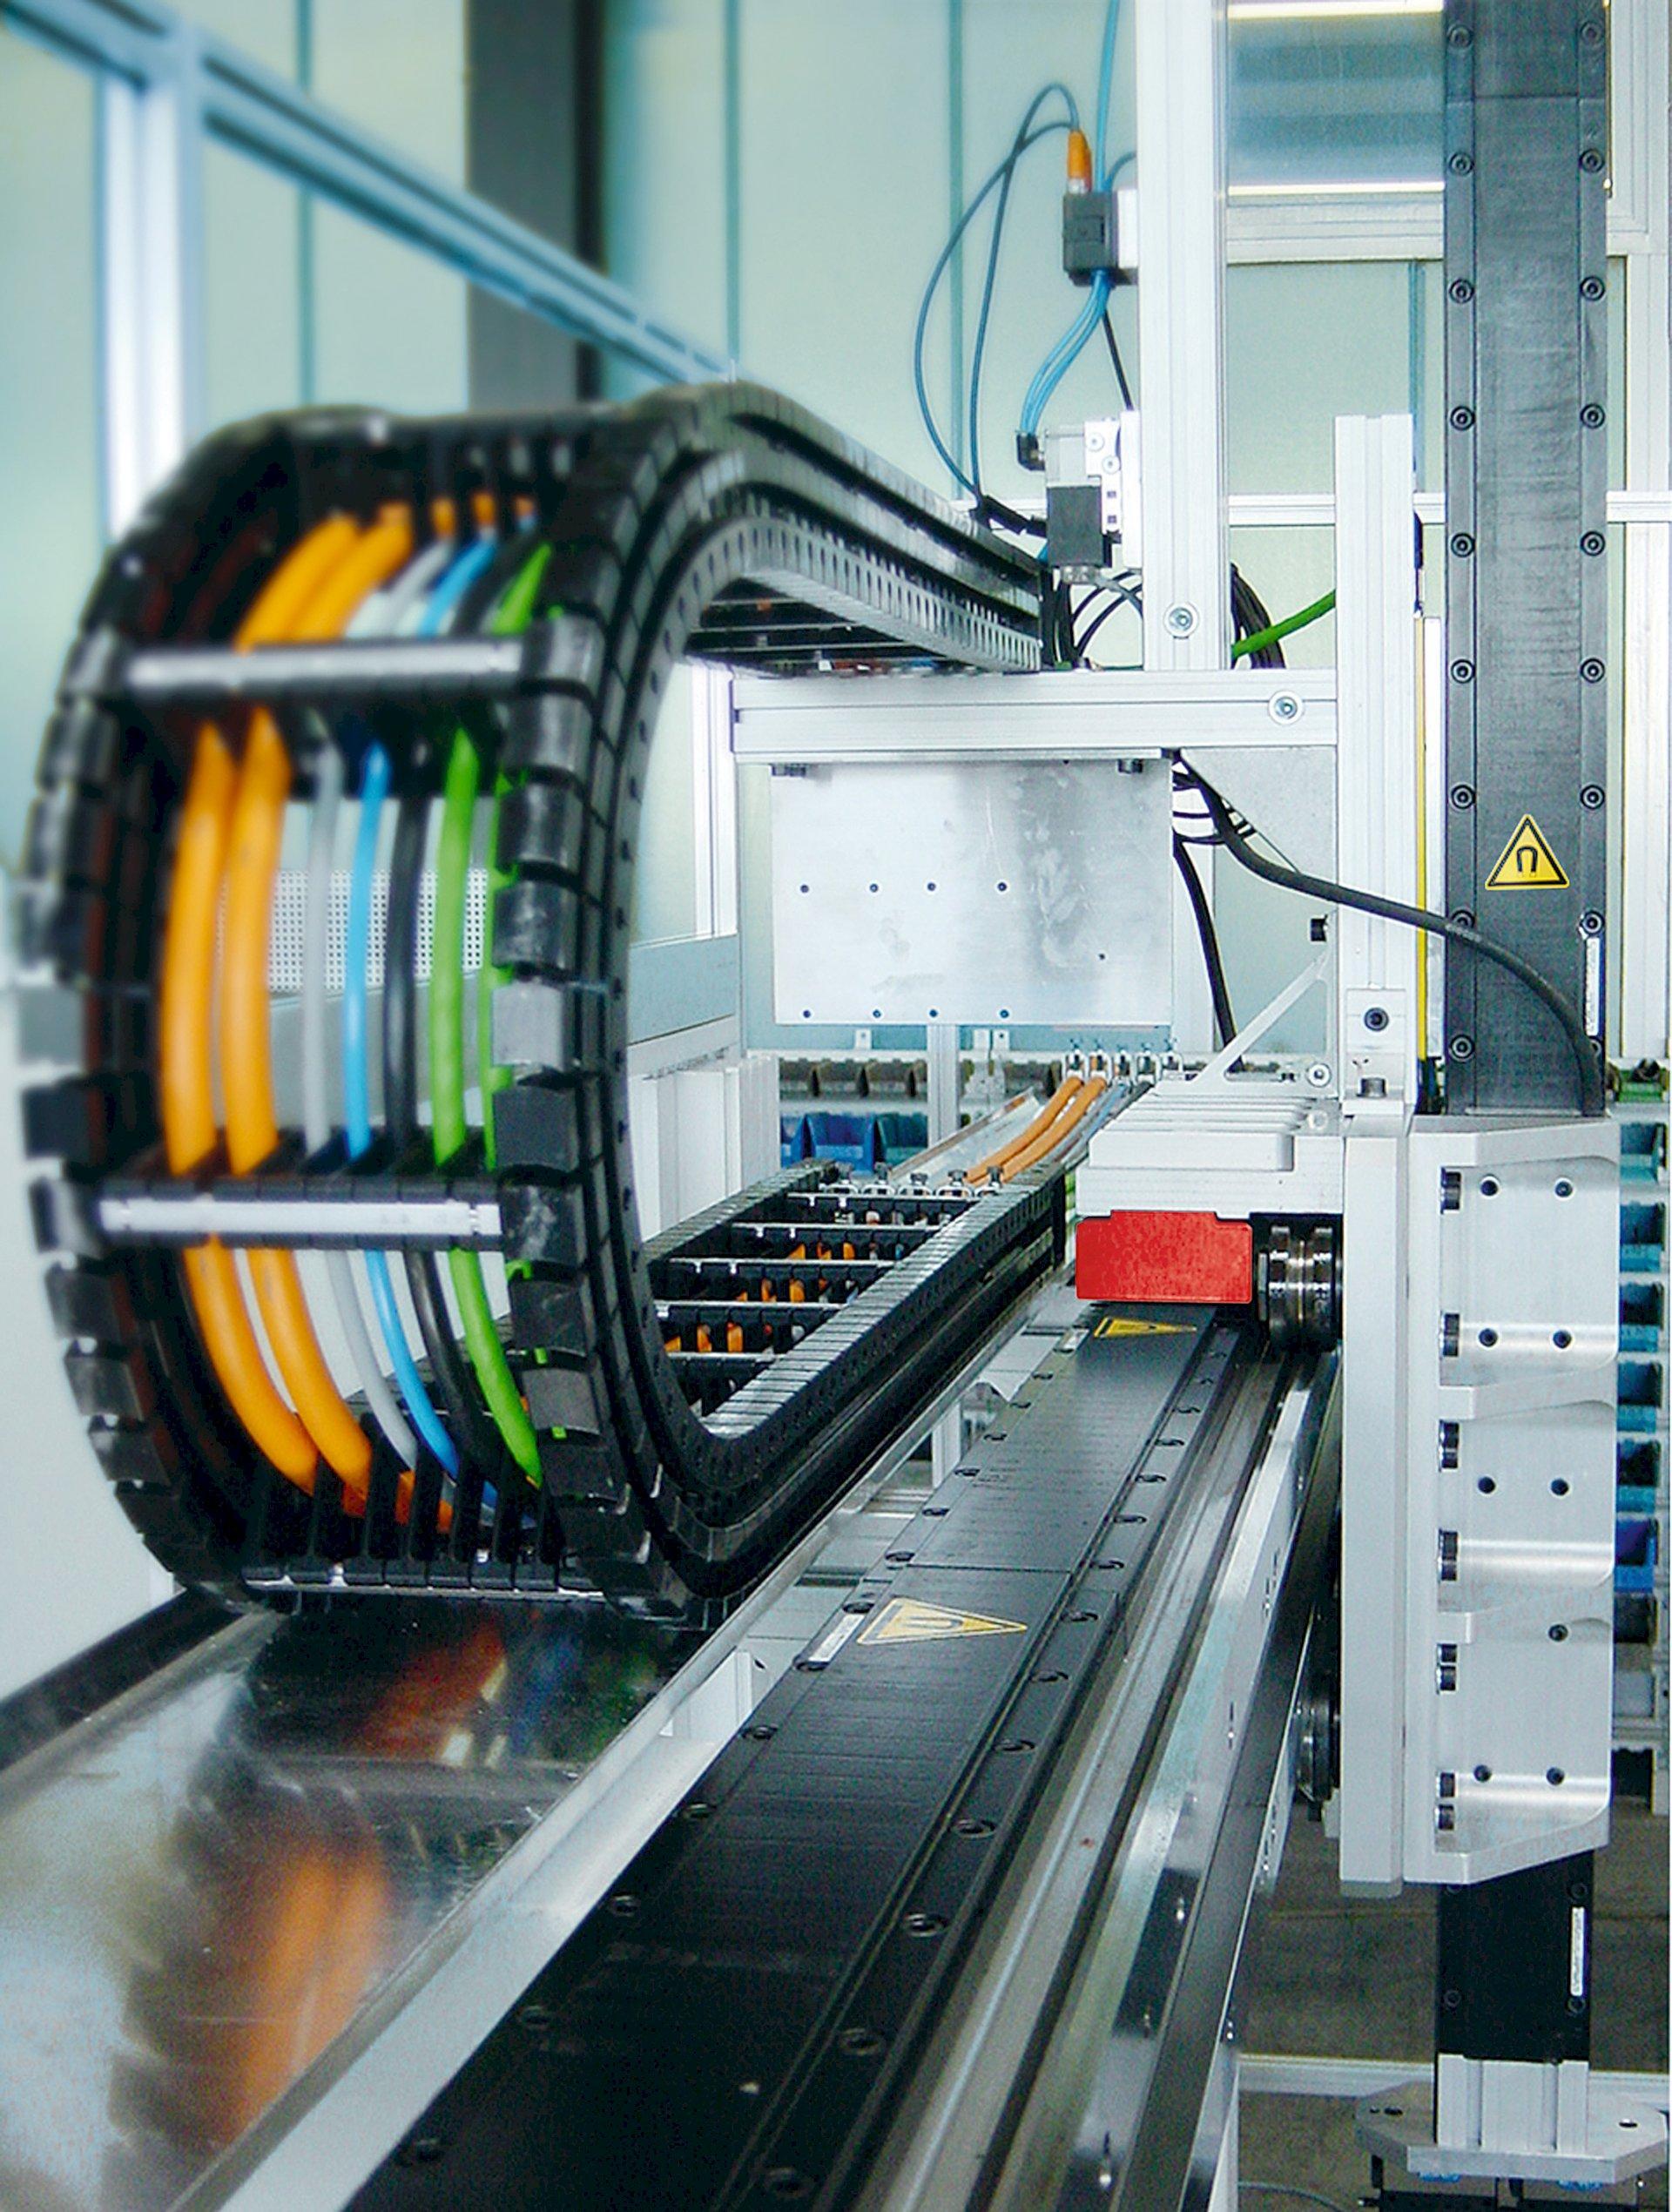 Helukabel levert TOPSERV en TOPGEBER kabels voor machines